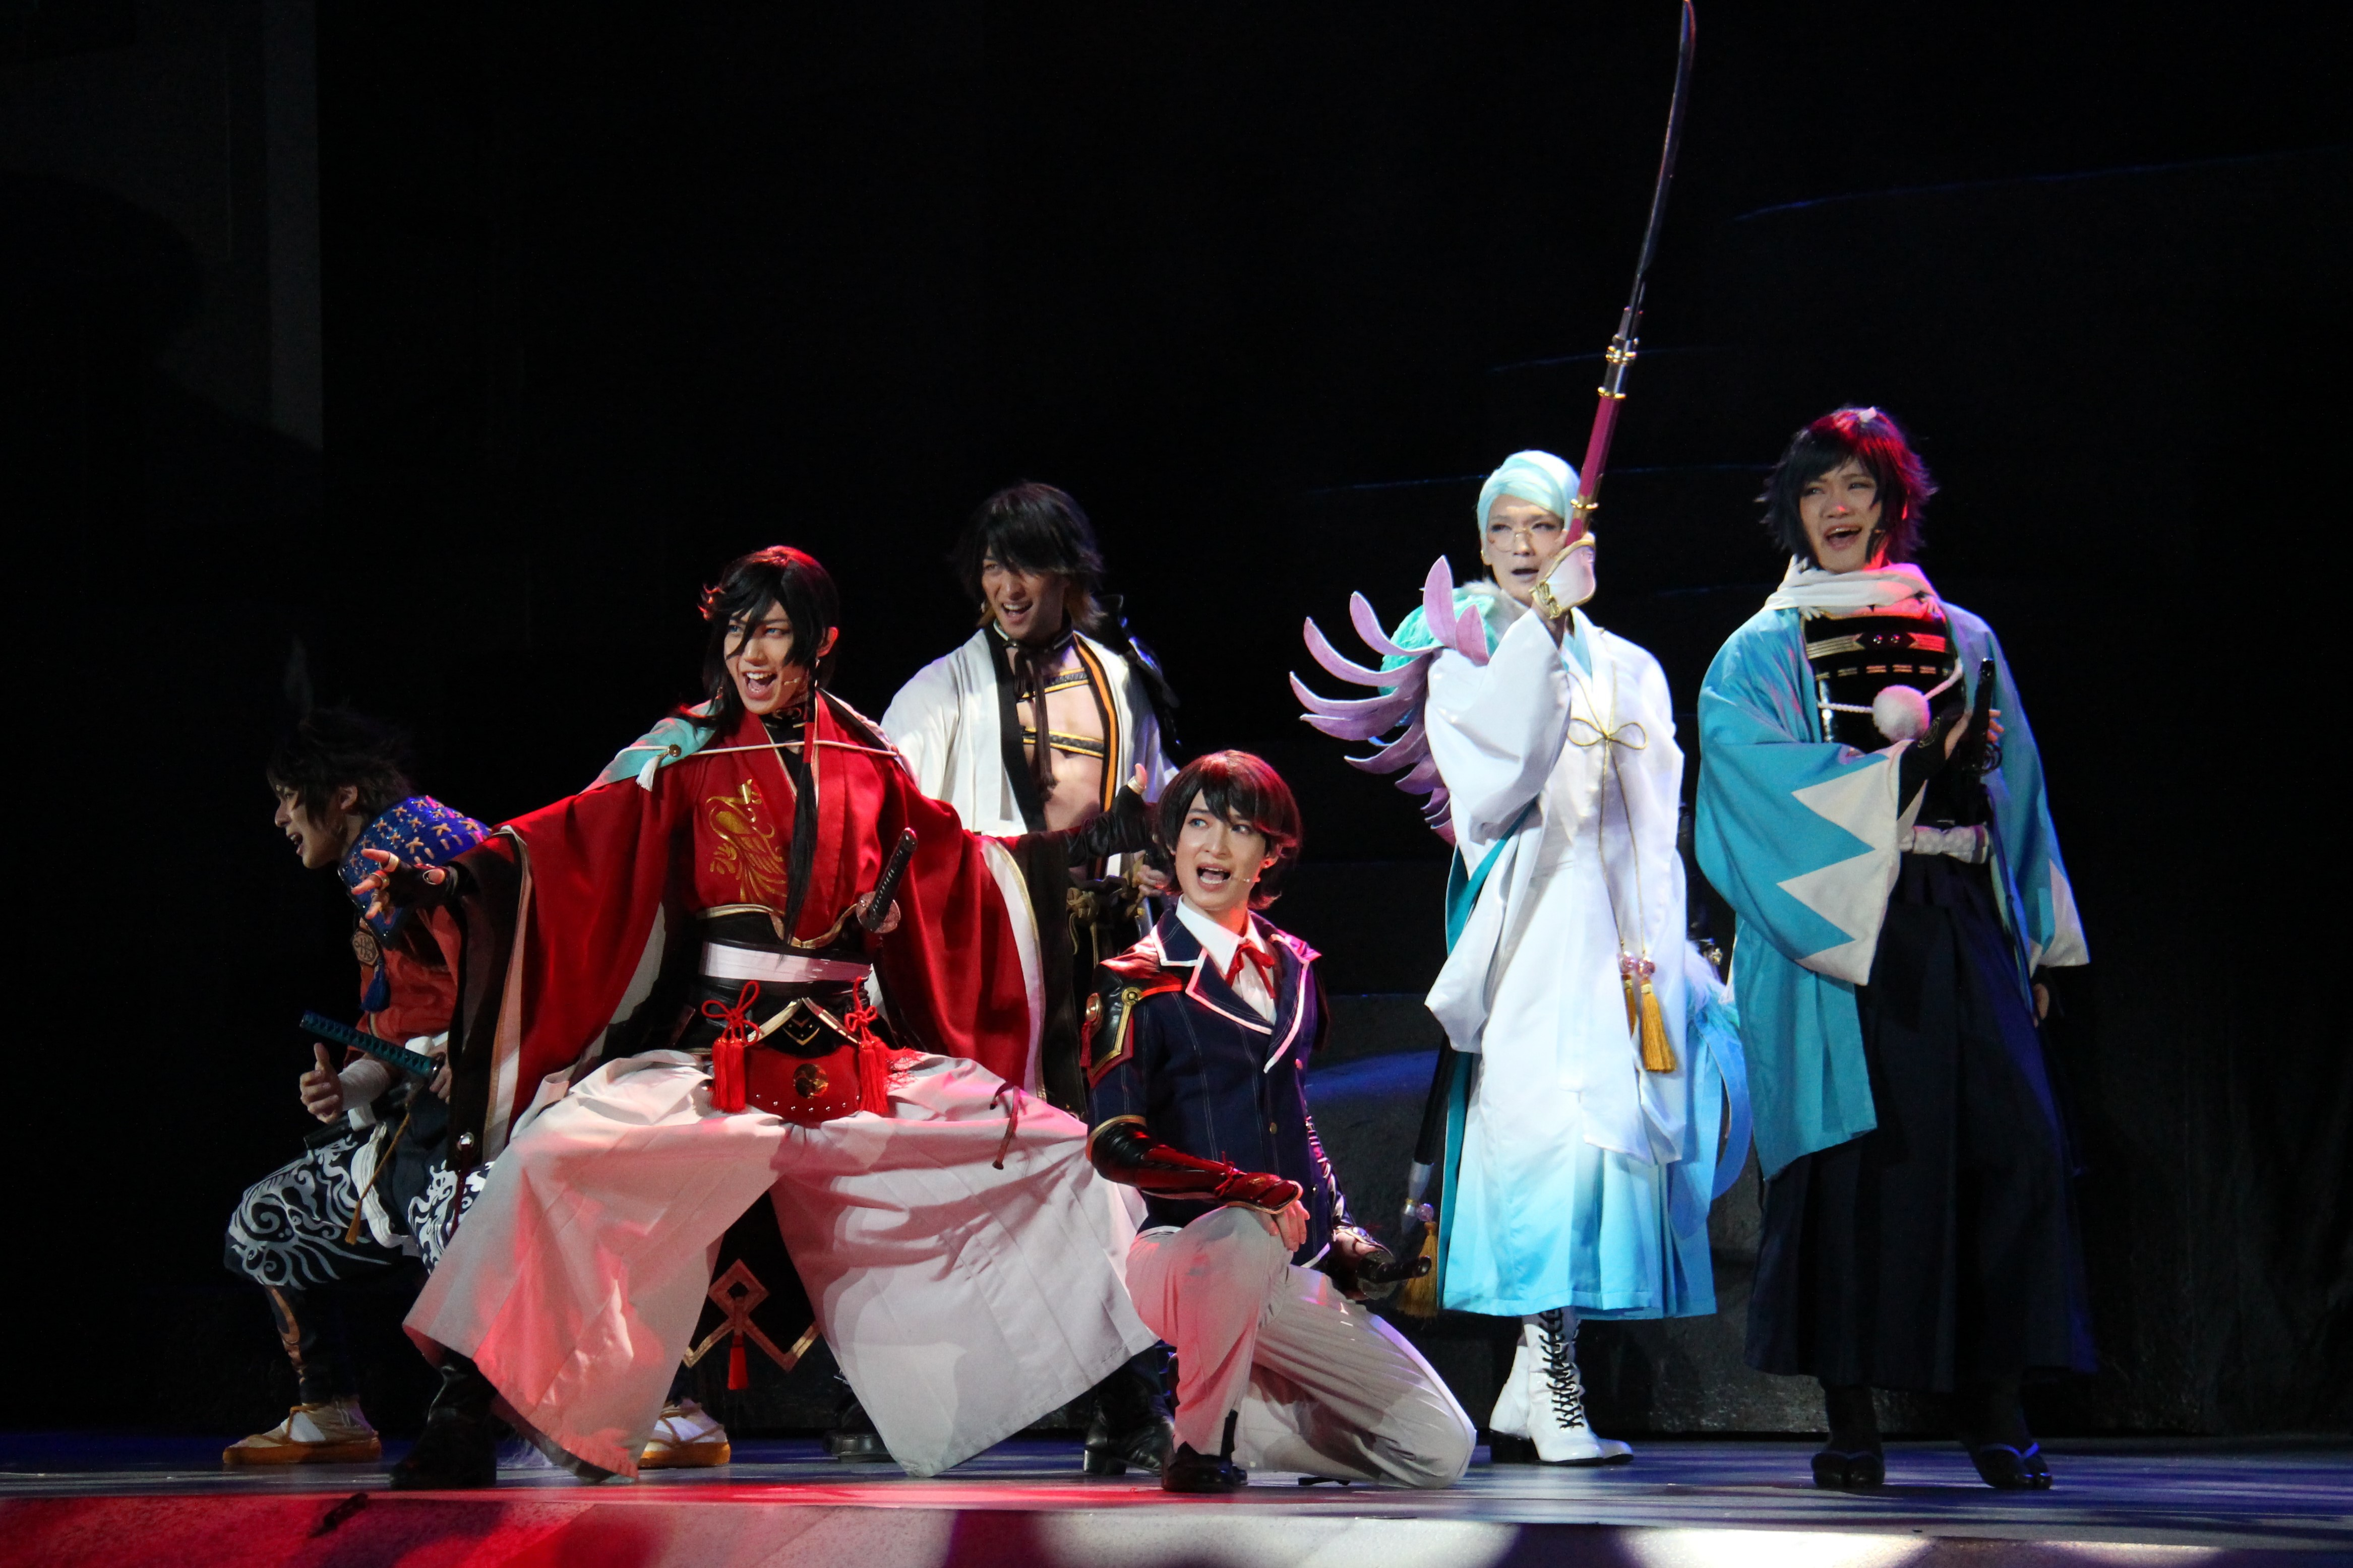 ミュージカル『刀剣乱舞』 ~結びの響、始まりの音~